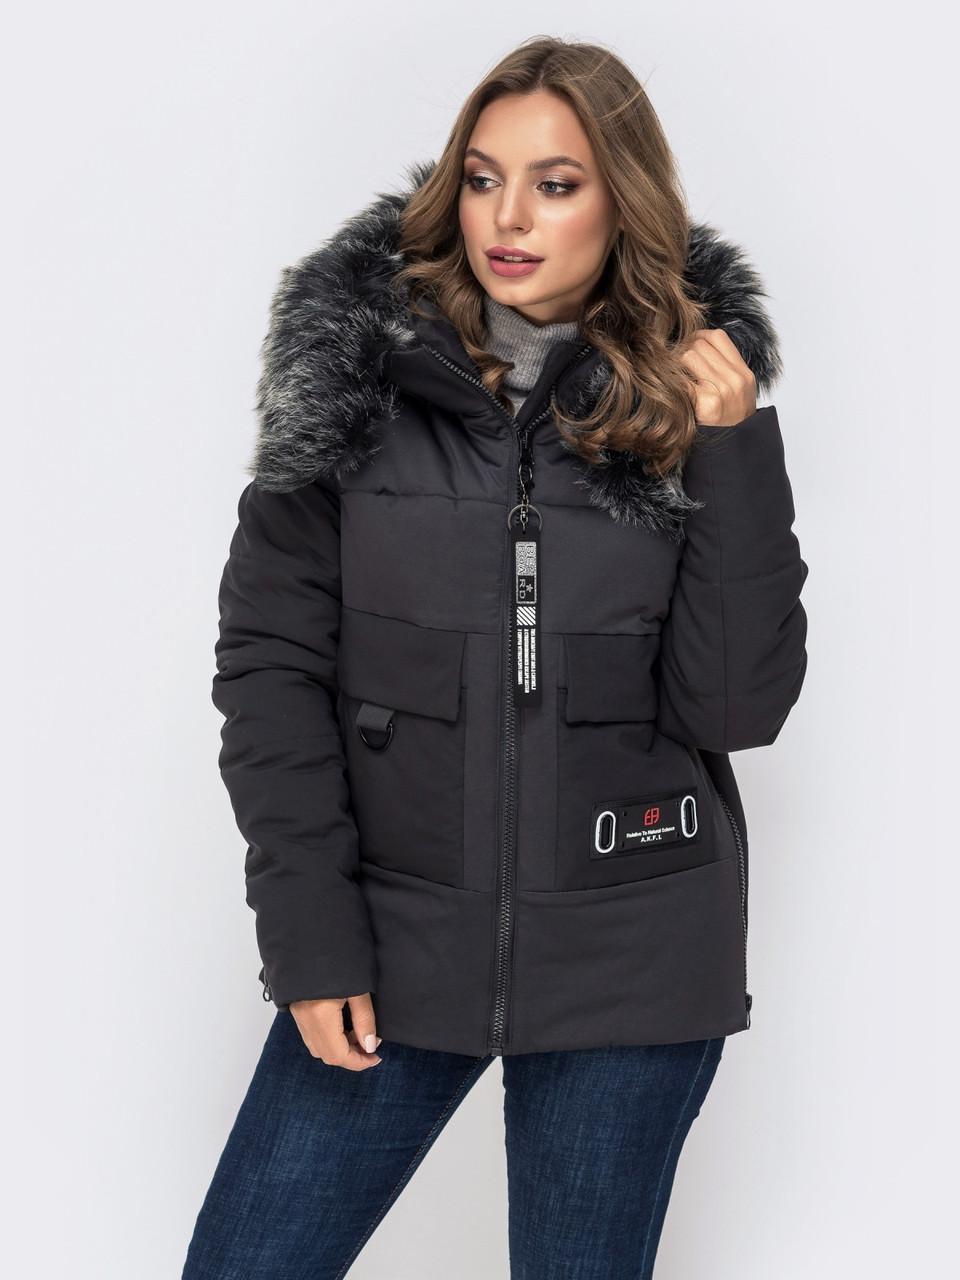 Укороченная зимняя куртка из плотной плащевой ткани черная размер 44-46 48-50 52-54